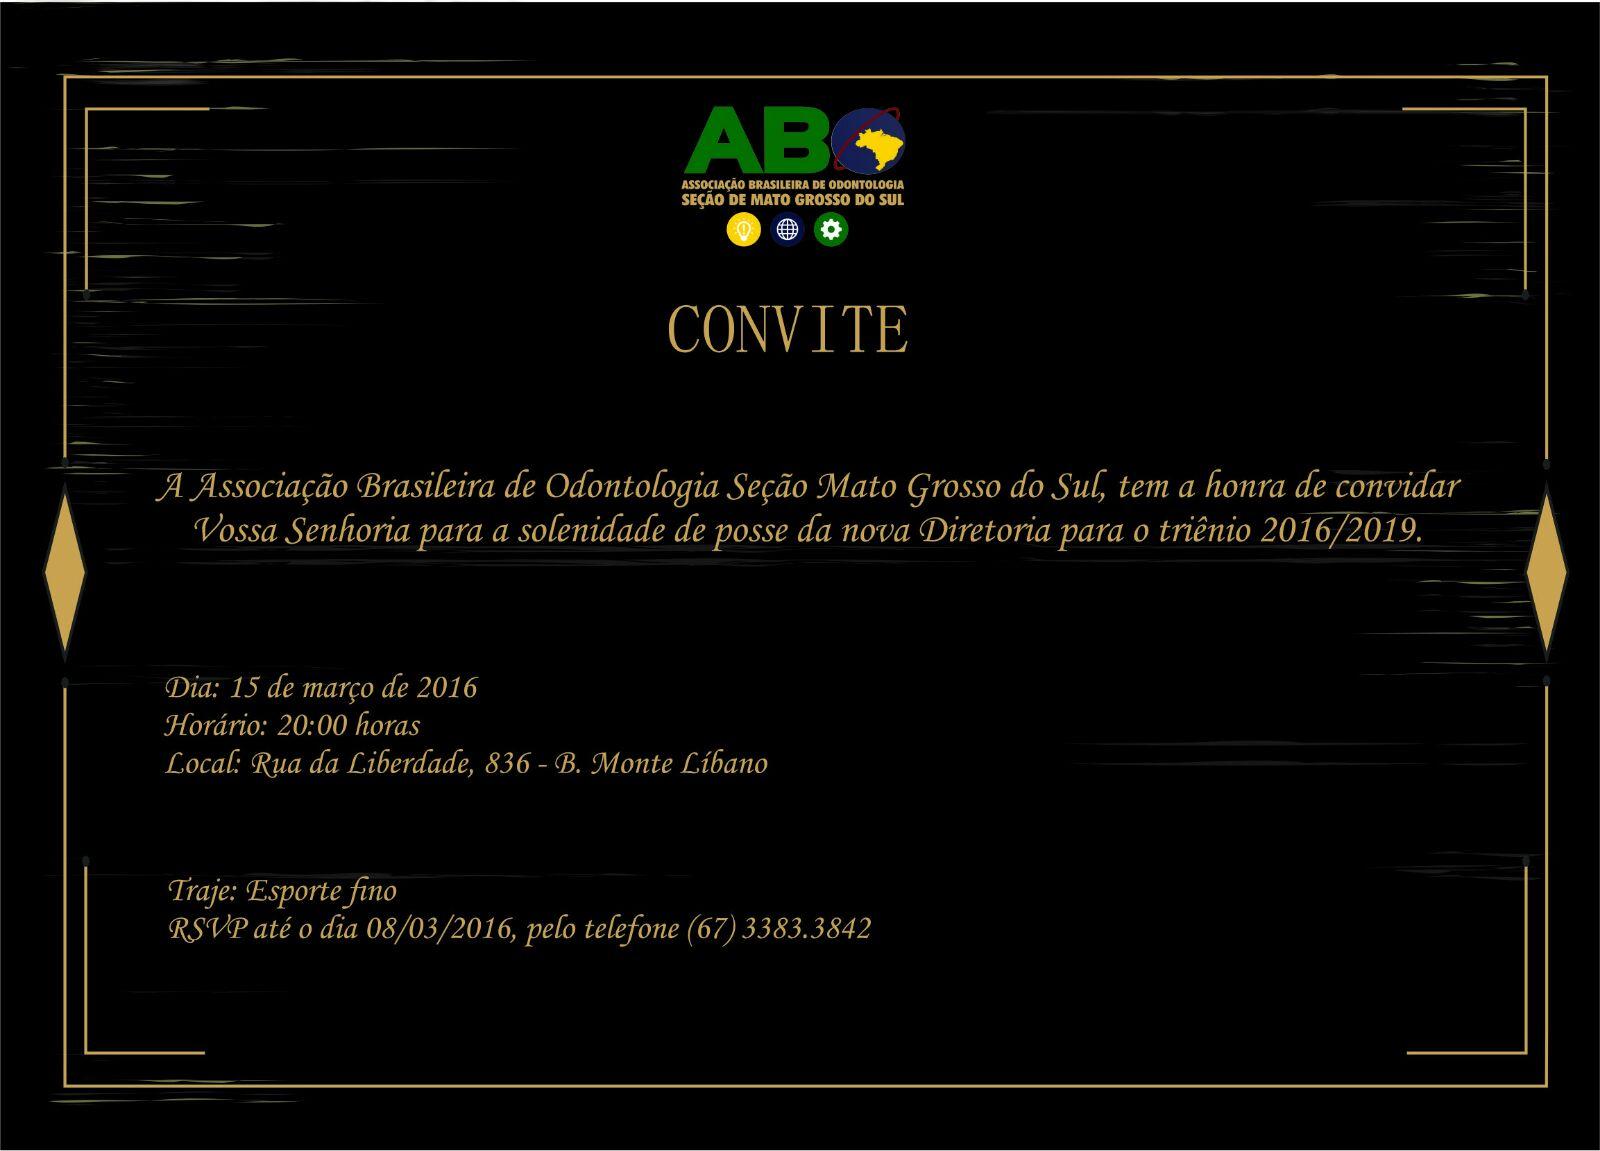 Solenidade de posse da ABO-MS será dia 15 de março